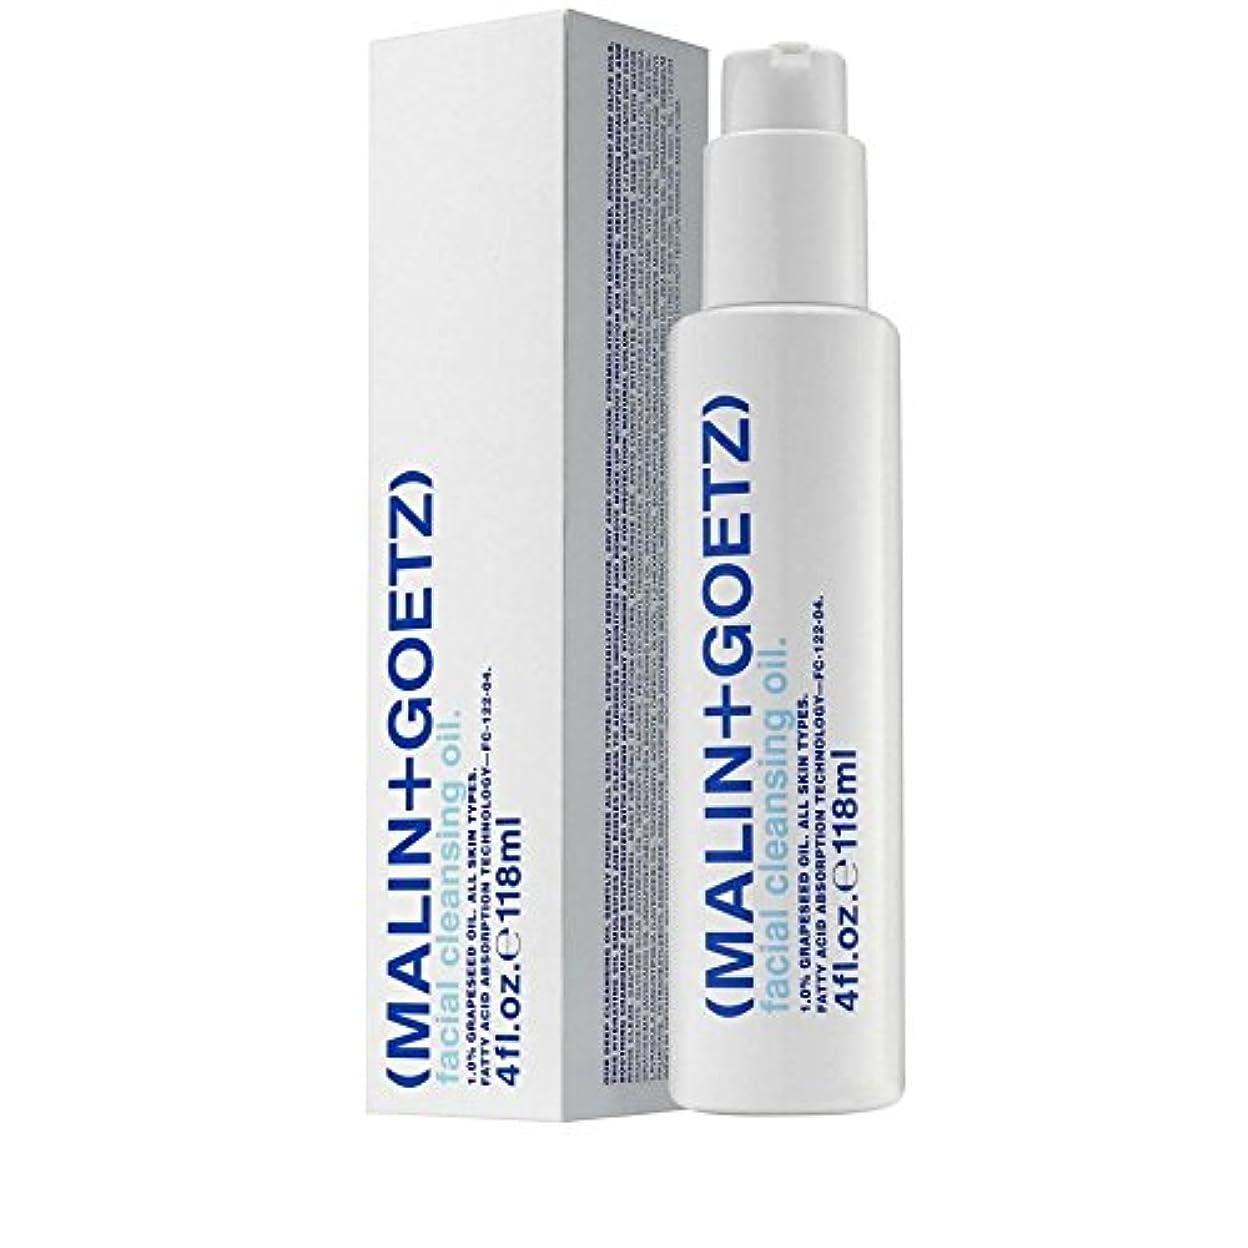 個性病者喜びマリン+ゲッツ洗顔オイル118ミリリットル x2 - MALIN+GOETZ Facial Cleansing Oil 118ml (Pack of 2) [並行輸入品]